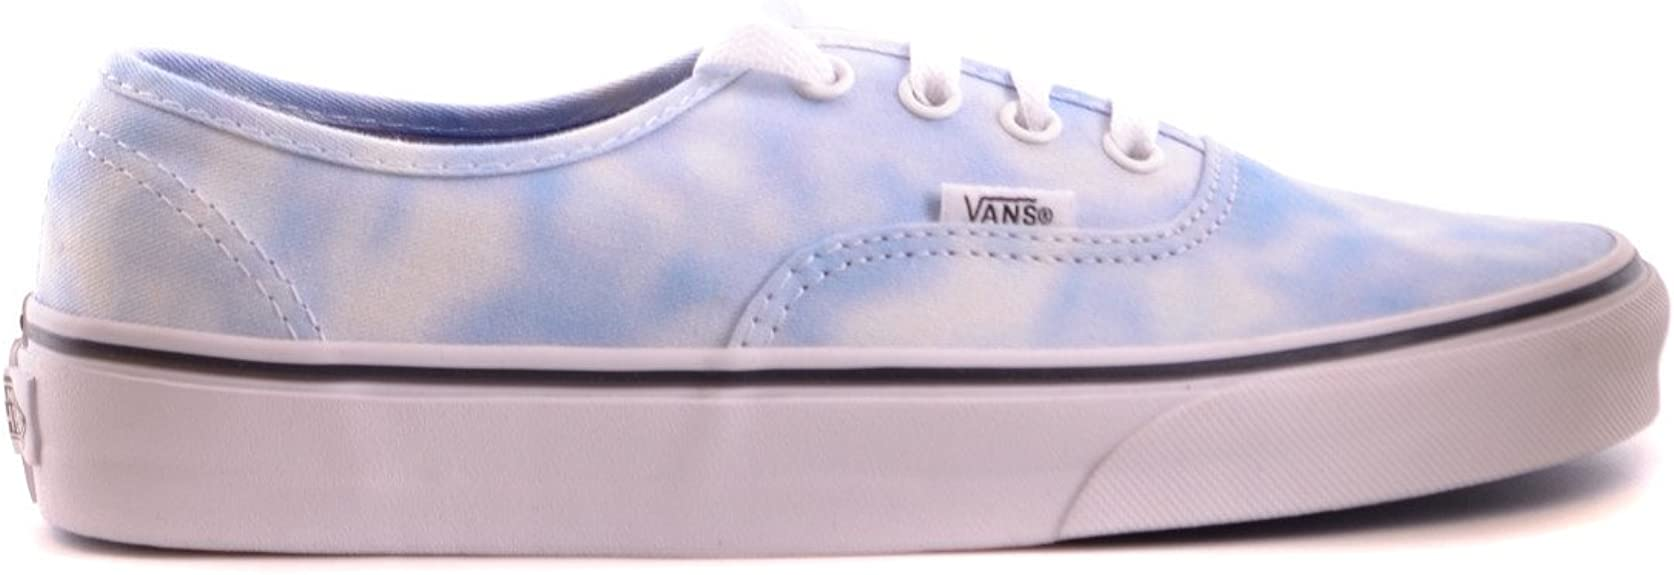 vans femme bleu clair